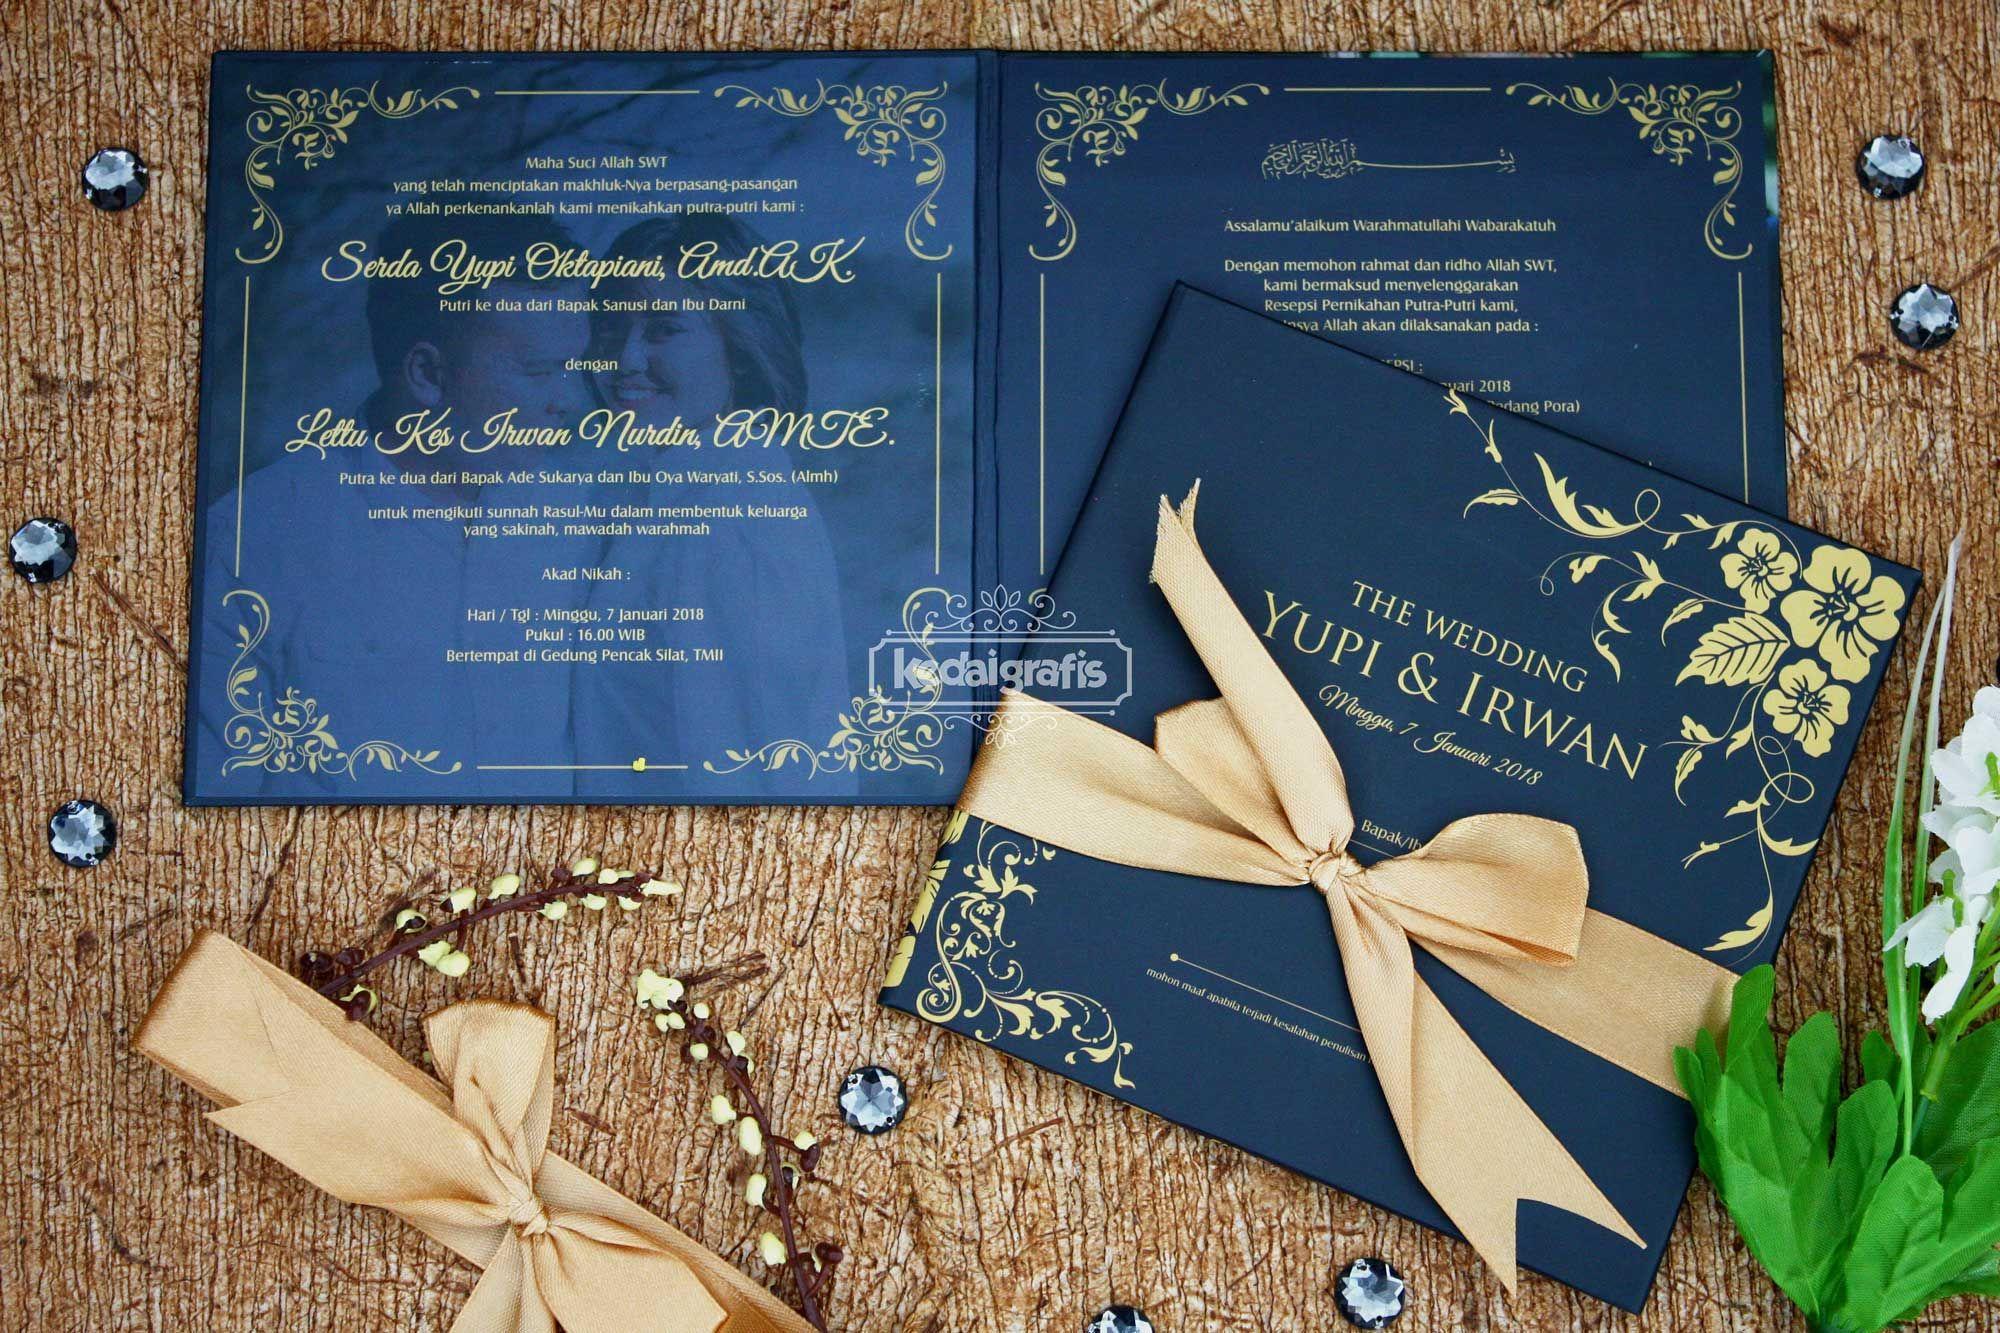 Pin Oleh Sutri Rahayu Di Pernikahan Desain Undangan Perkawinan Kartu Pernikahan Undangan Pernikahan